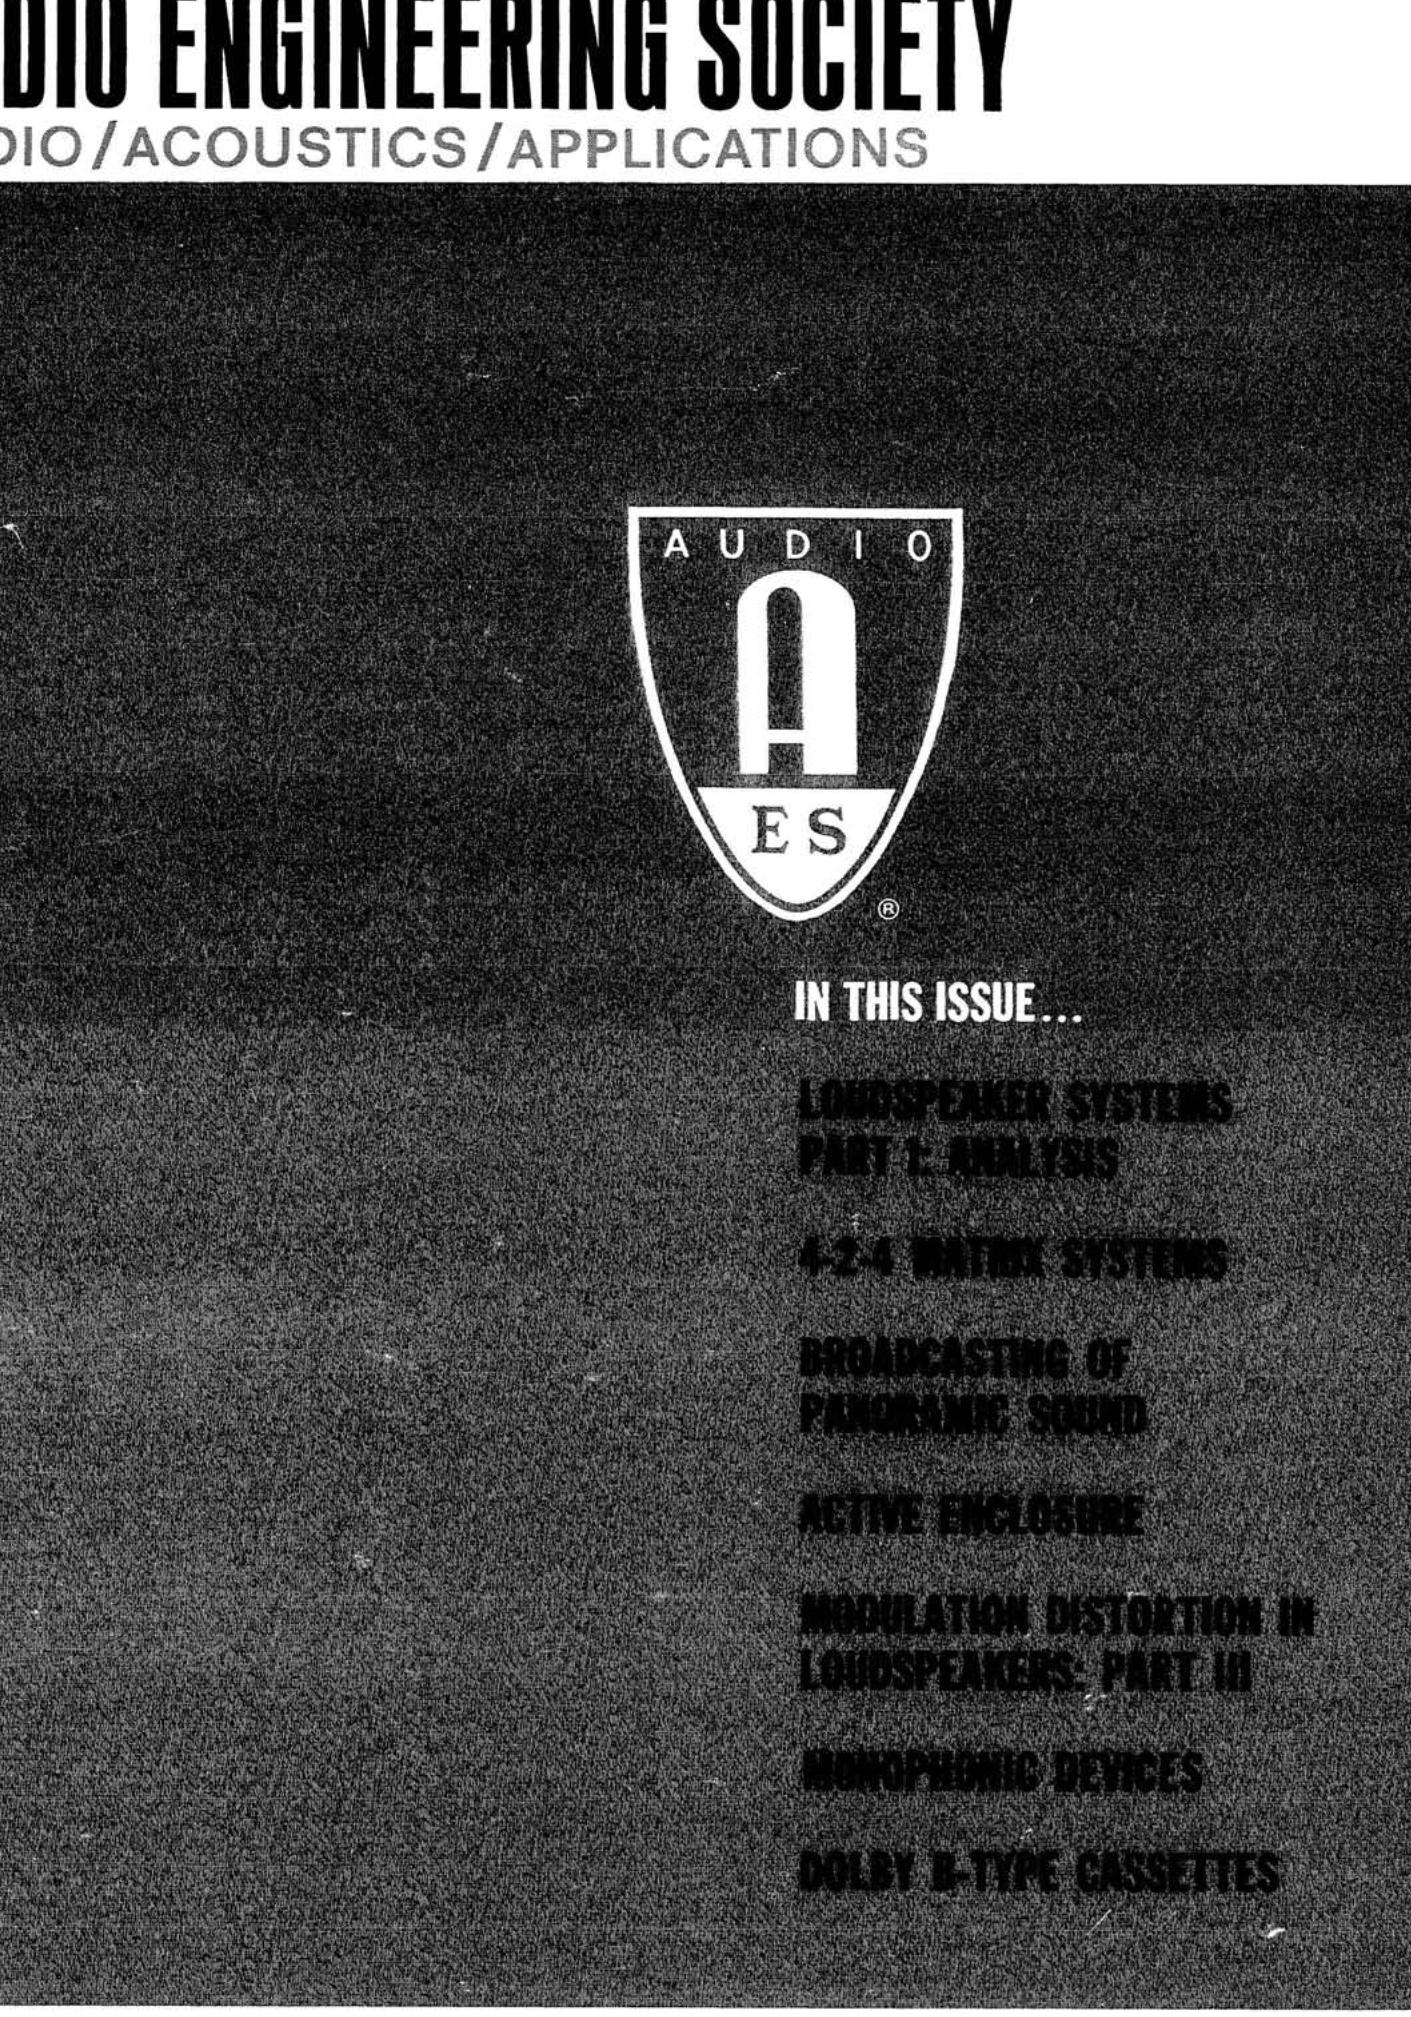 Itt Technical Institute Blank Letterhead - Calendar Inspiration Design for Itt Technical Institute Blank Letterhead